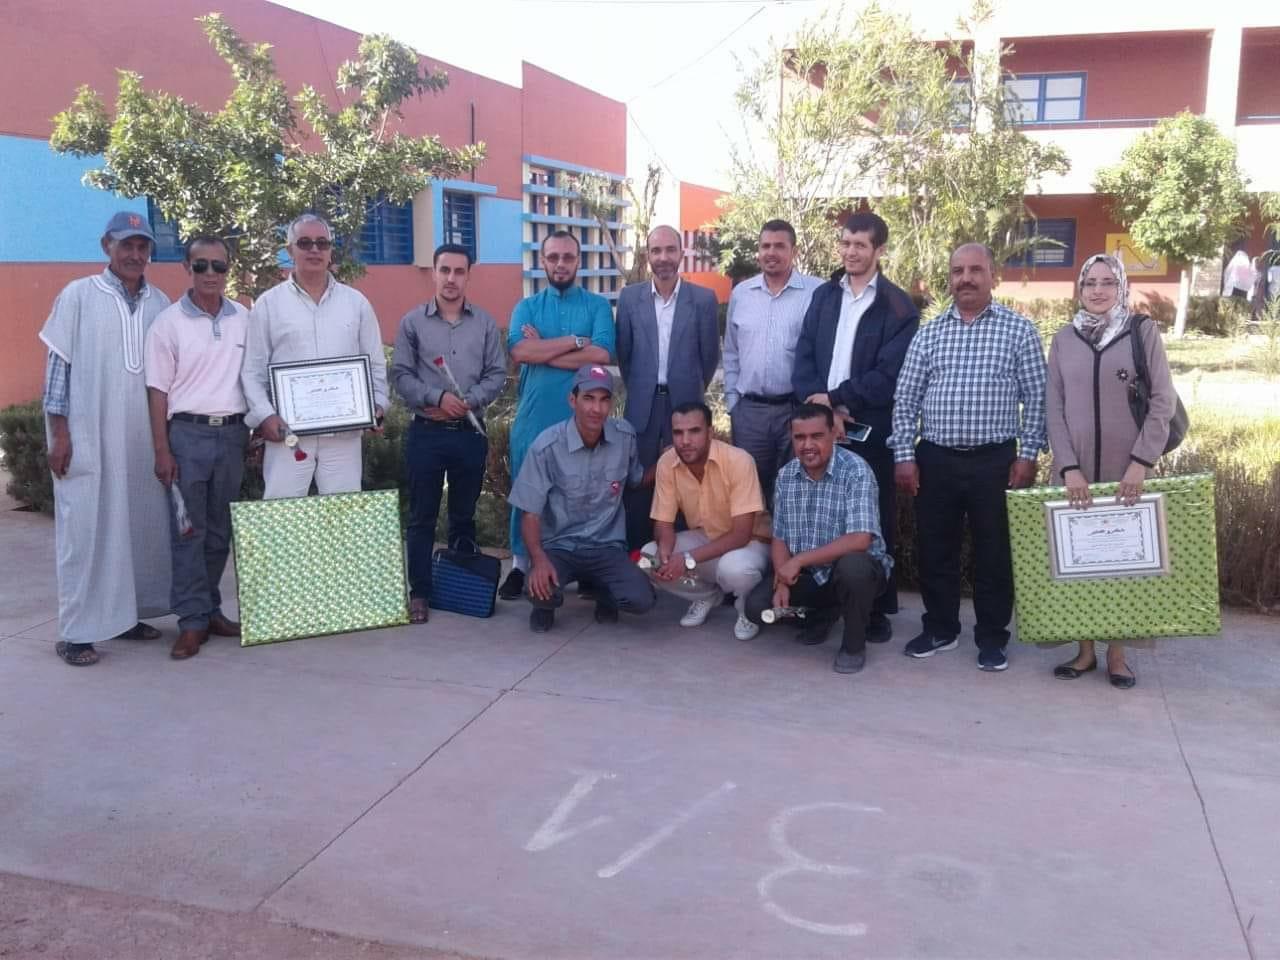 الثانوية الاعدادية عمر بن شمسيبوجان تحتفل باليوم العالمي للمدرس